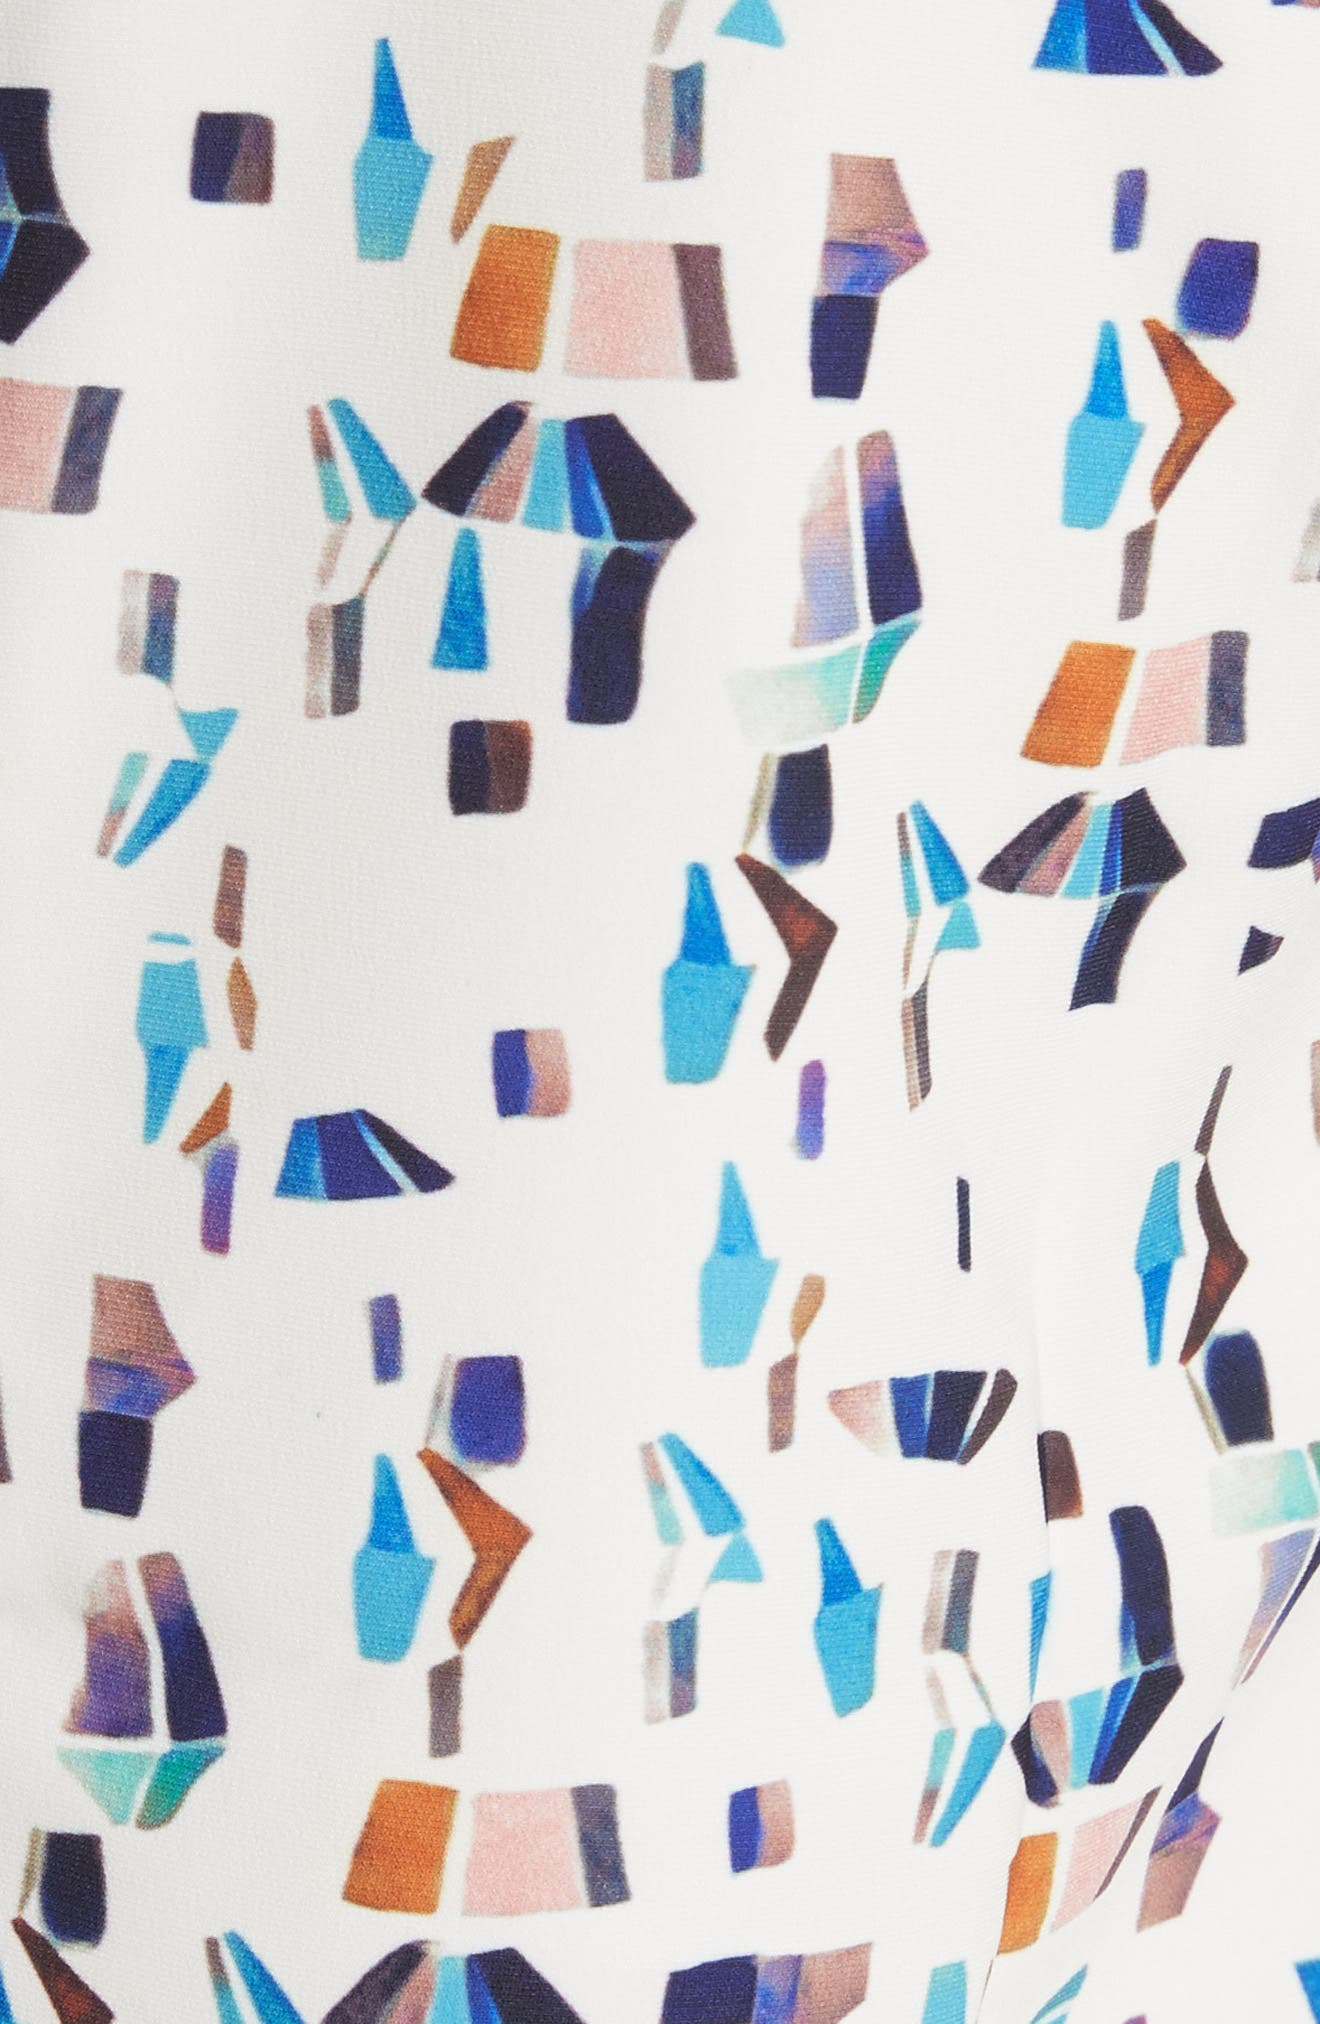 Limina Print Shift Dress,                             Alternate thumbnail 5, color,                             900